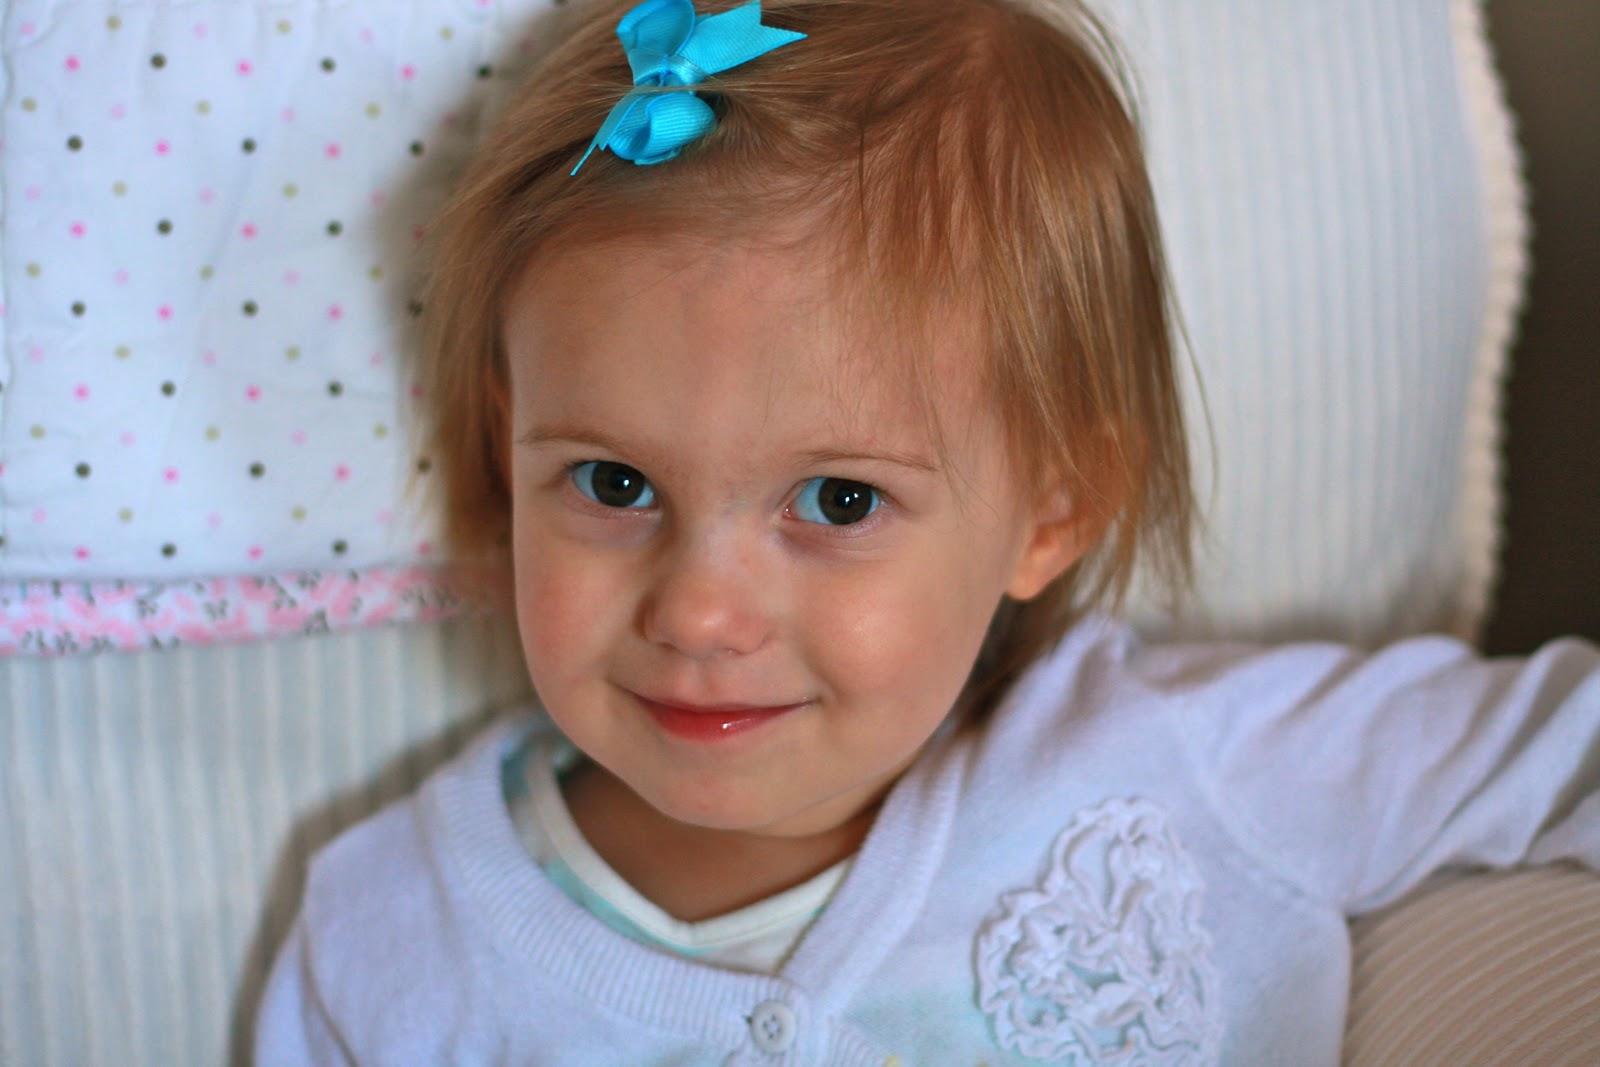 imgsrc.ru children girl Sunday, May 12, 2013